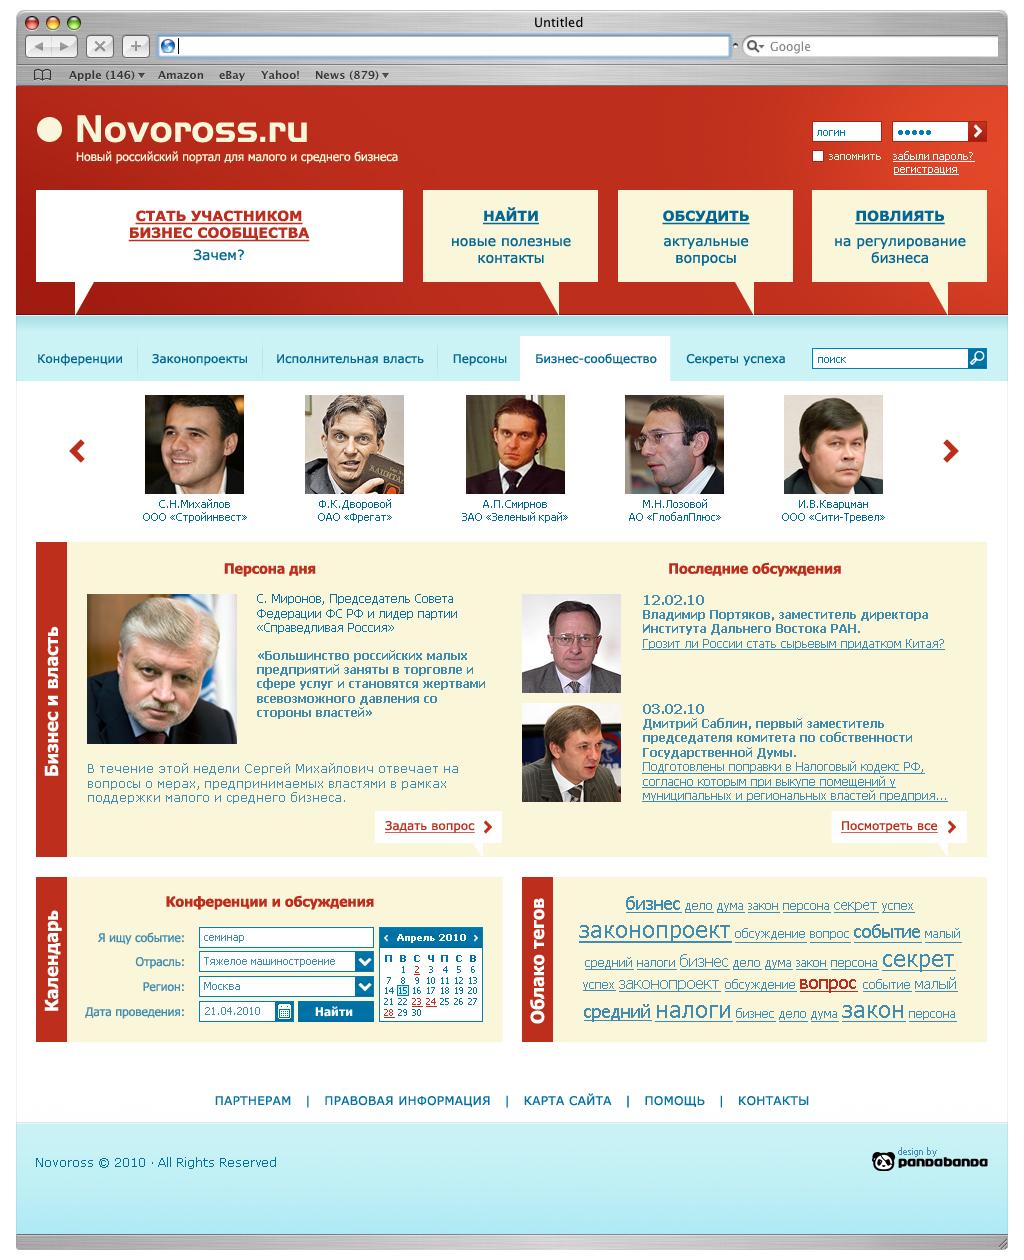 сайт бизнес-портала